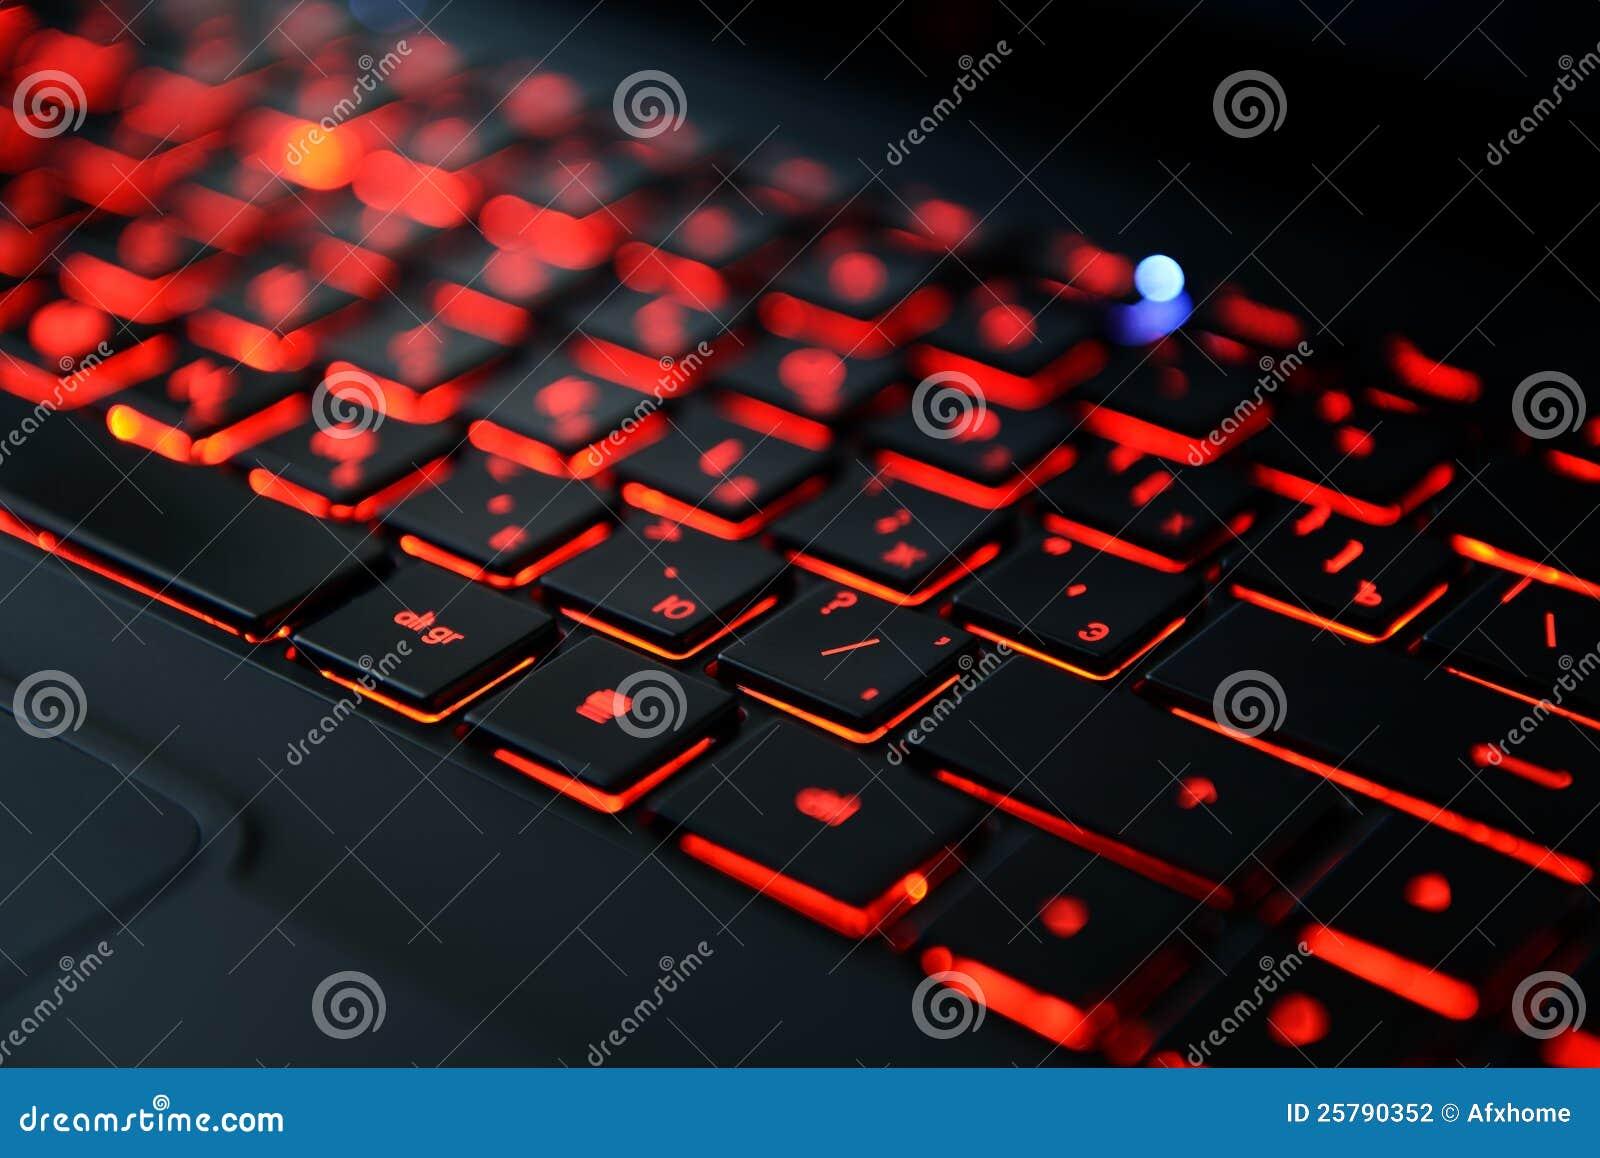 Toetsenbord Met Licht : Modern rood backlit toetsenbord stock foto afbeelding bestaande